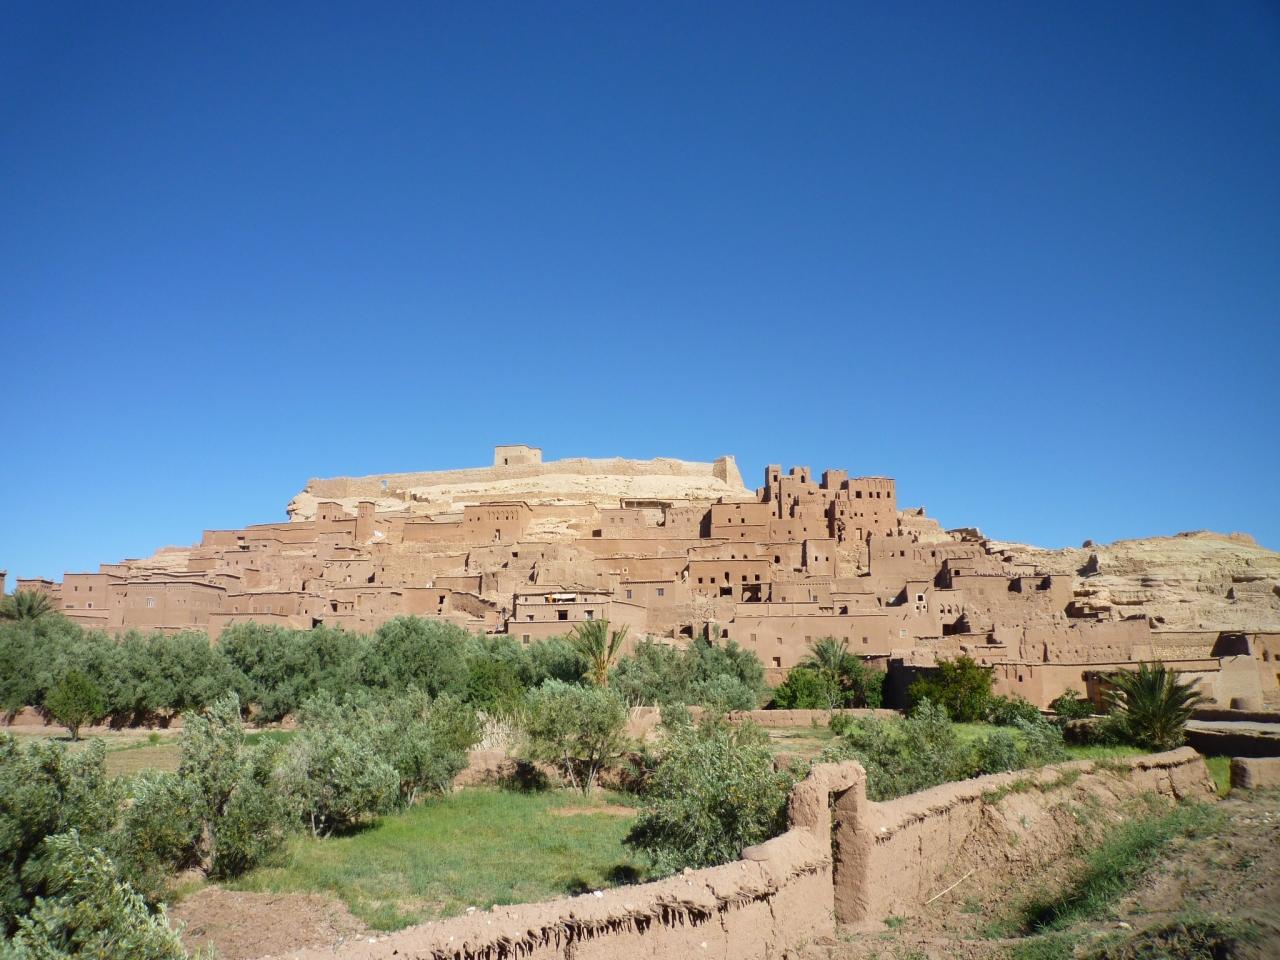 サハラ砂漠とカスバ街道 (モロッコ旅行...